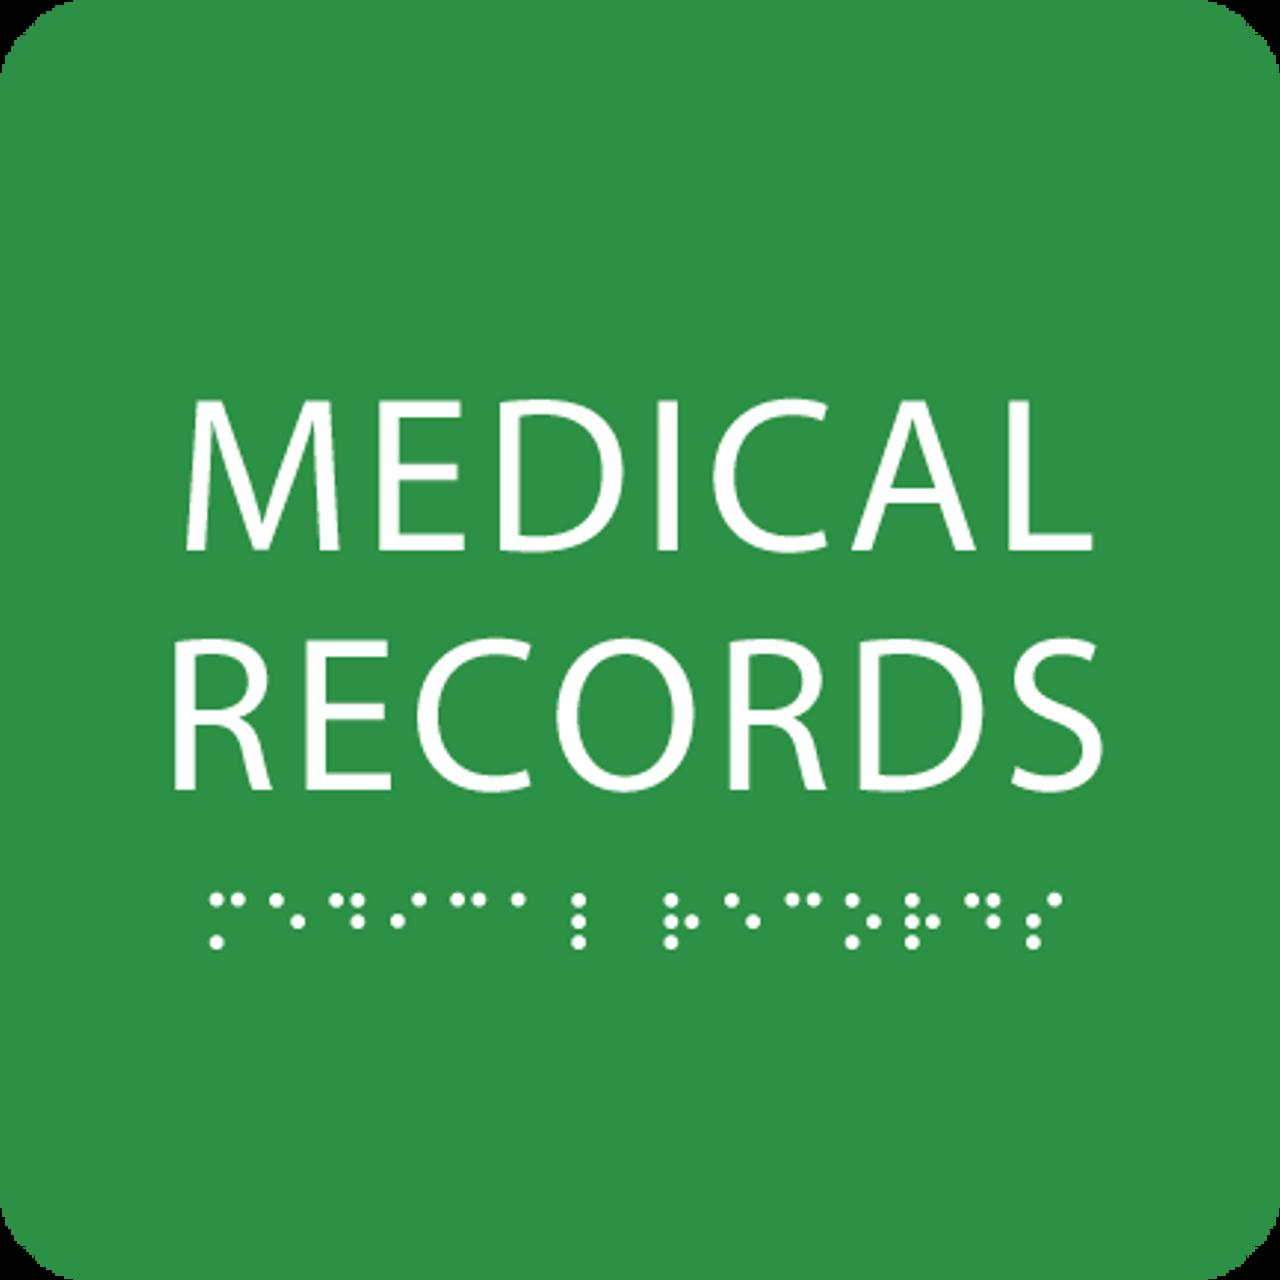 Green Medical Records ADA Sign